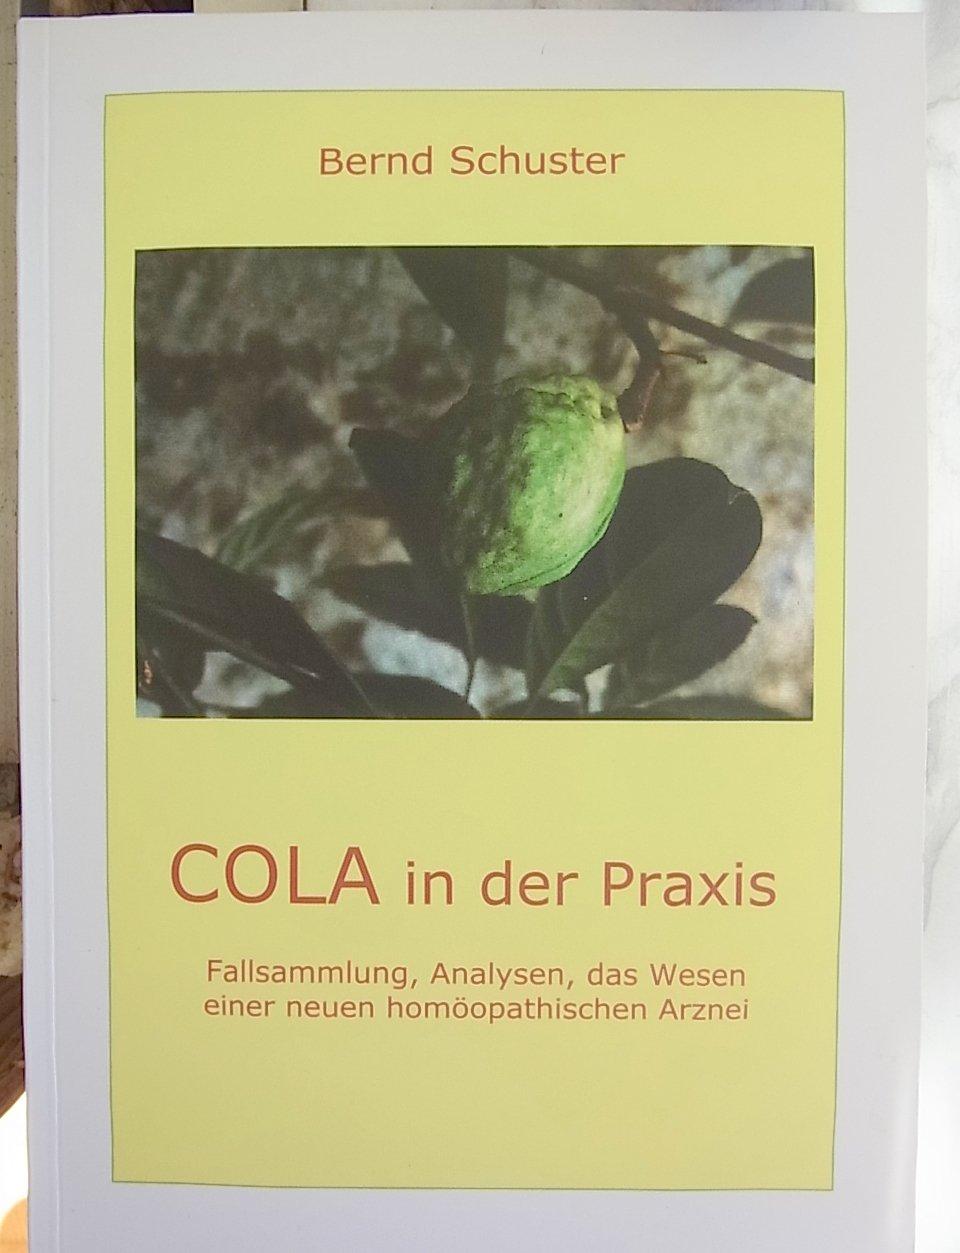 cola-in-der-praxis-fallsammlung-analysen-das-wesen-einer-neuen-homopathischen-arznei